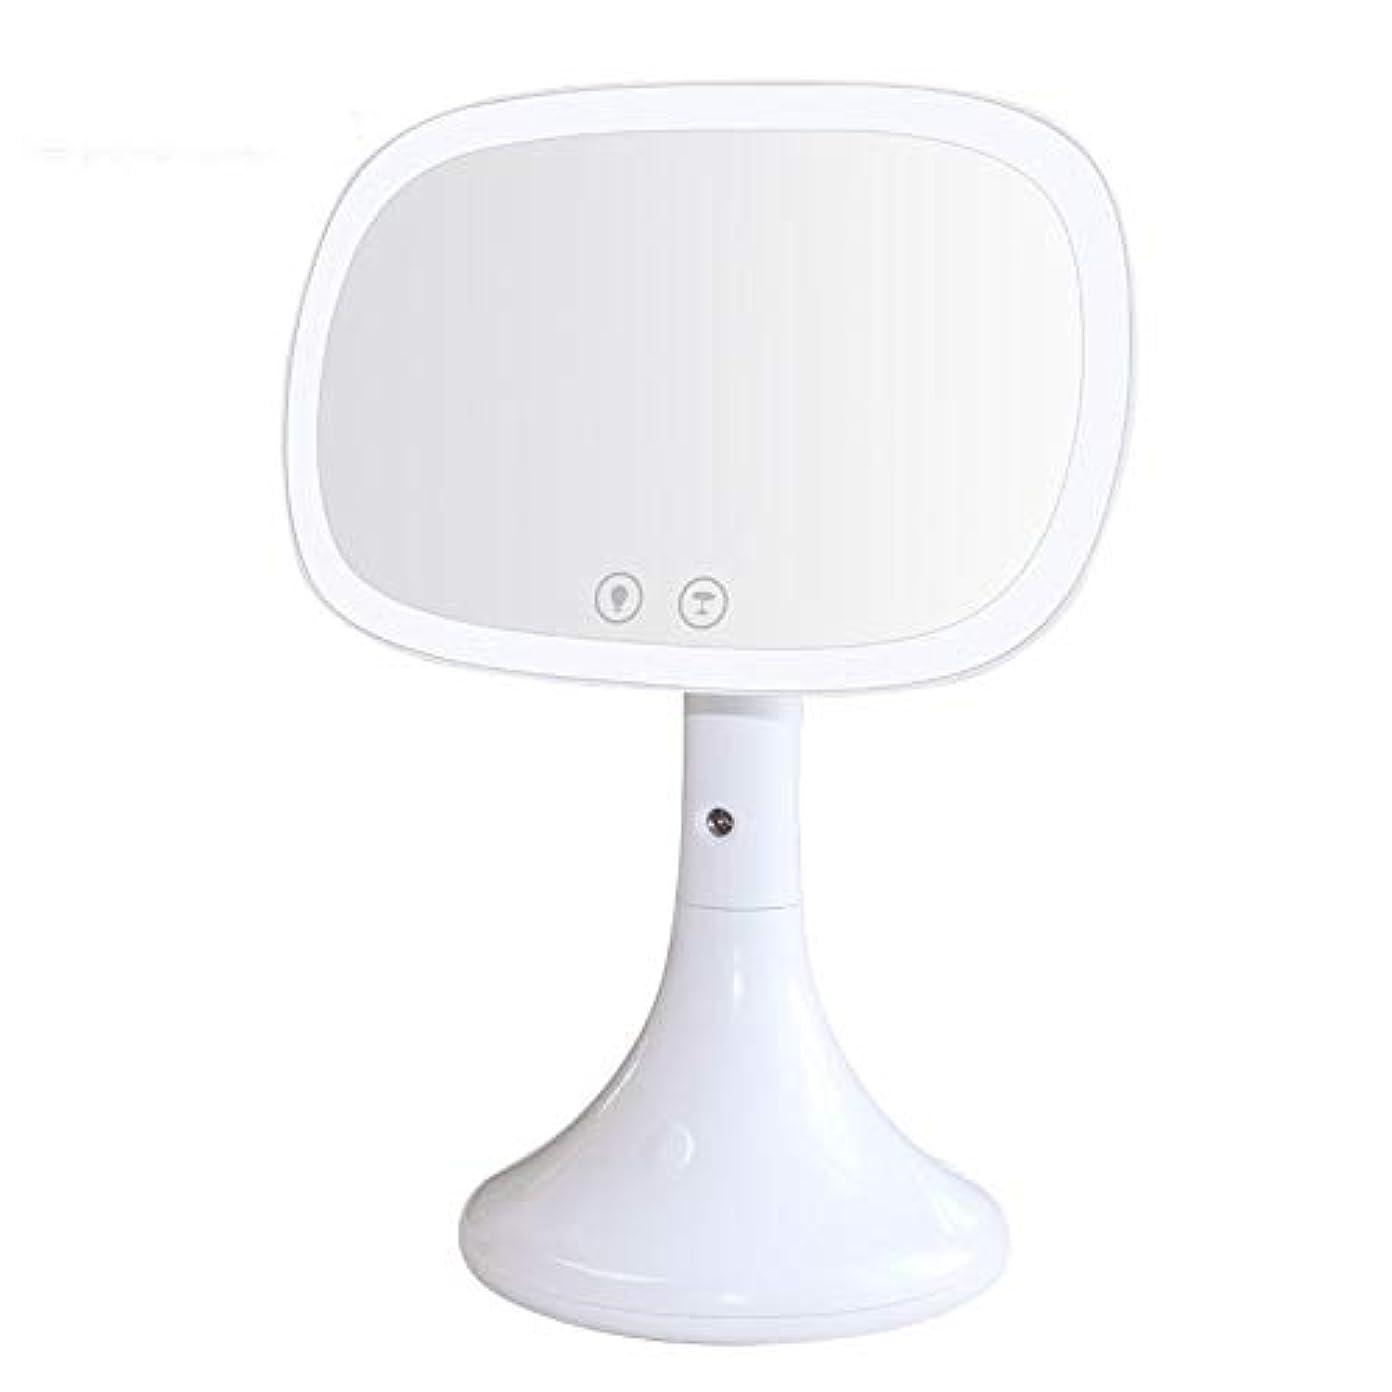 内陸自己テセウス流行の USBデスクトップ化粧鏡LED美容保湿化粧鏡水スプレーホワイトピンク (色 : White)